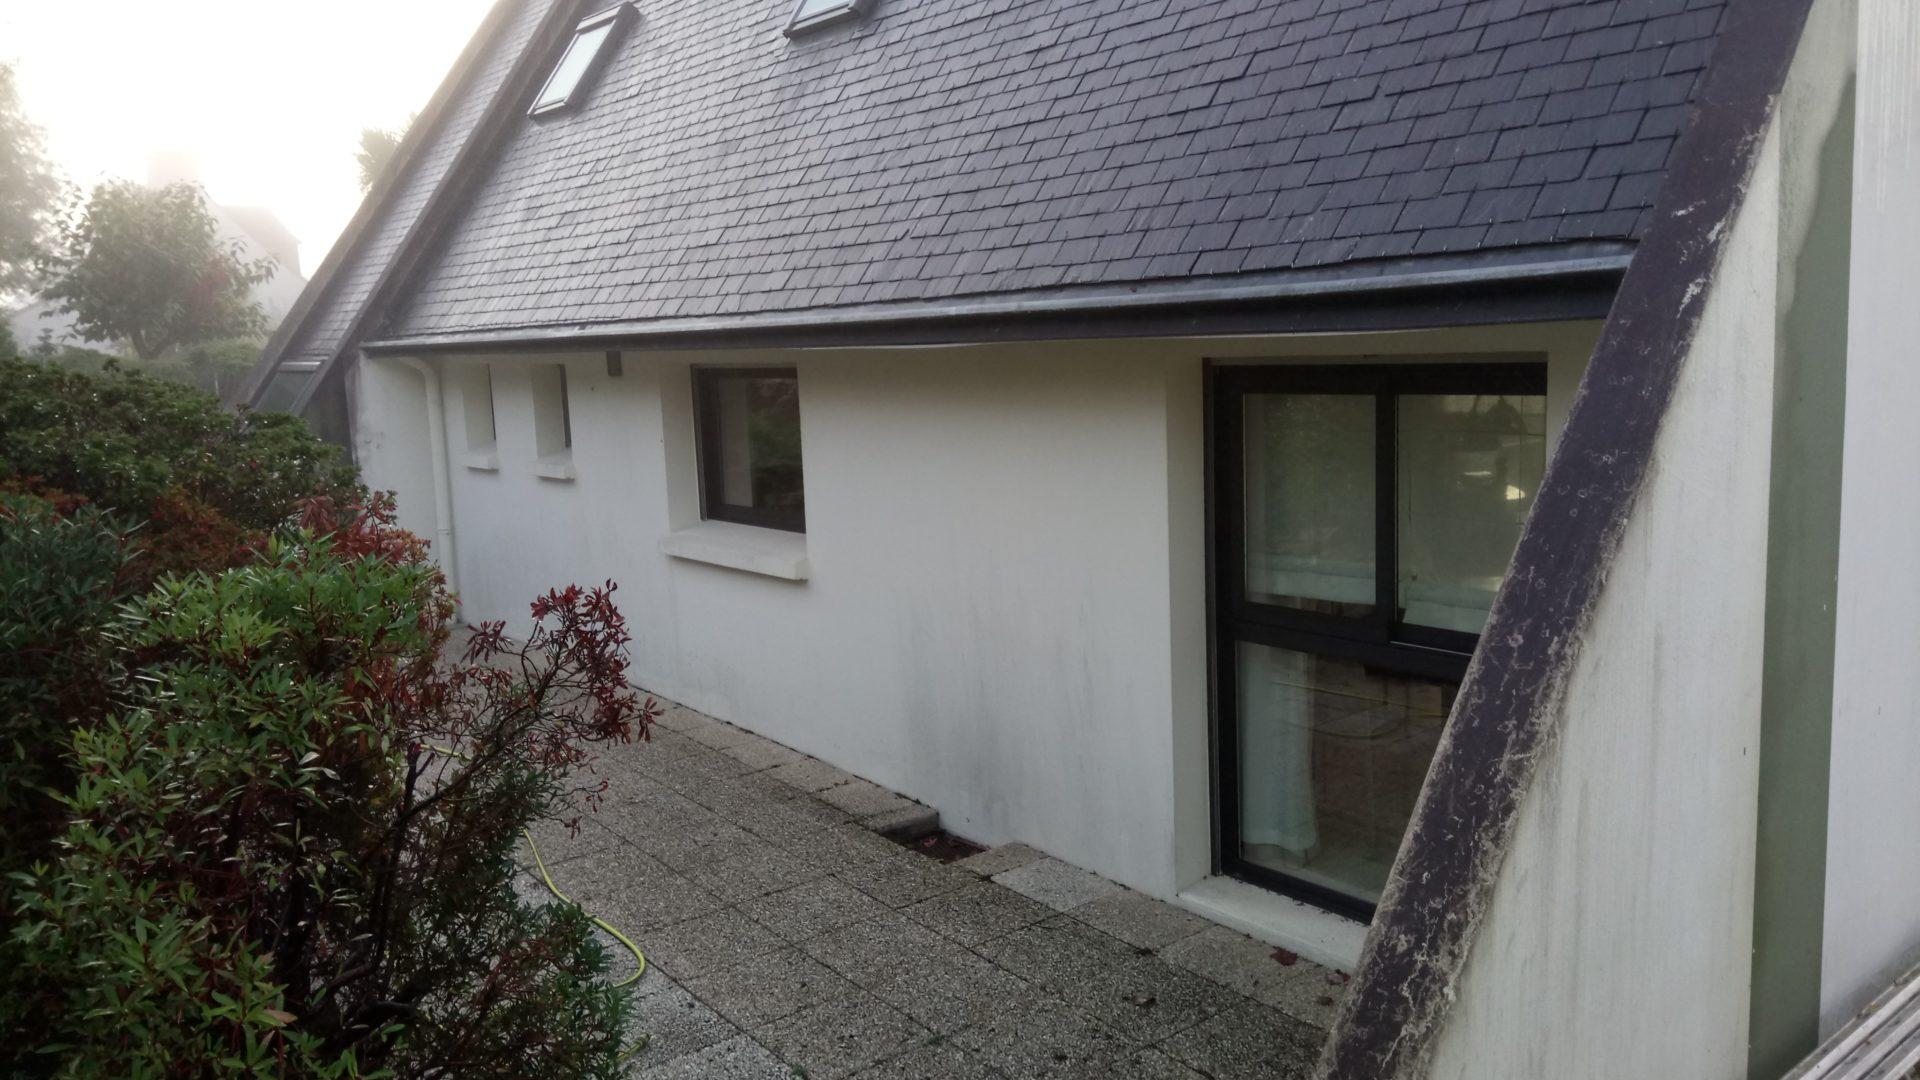 Quimper lavage toiture et ravalement maison 1 1 - Ravalement